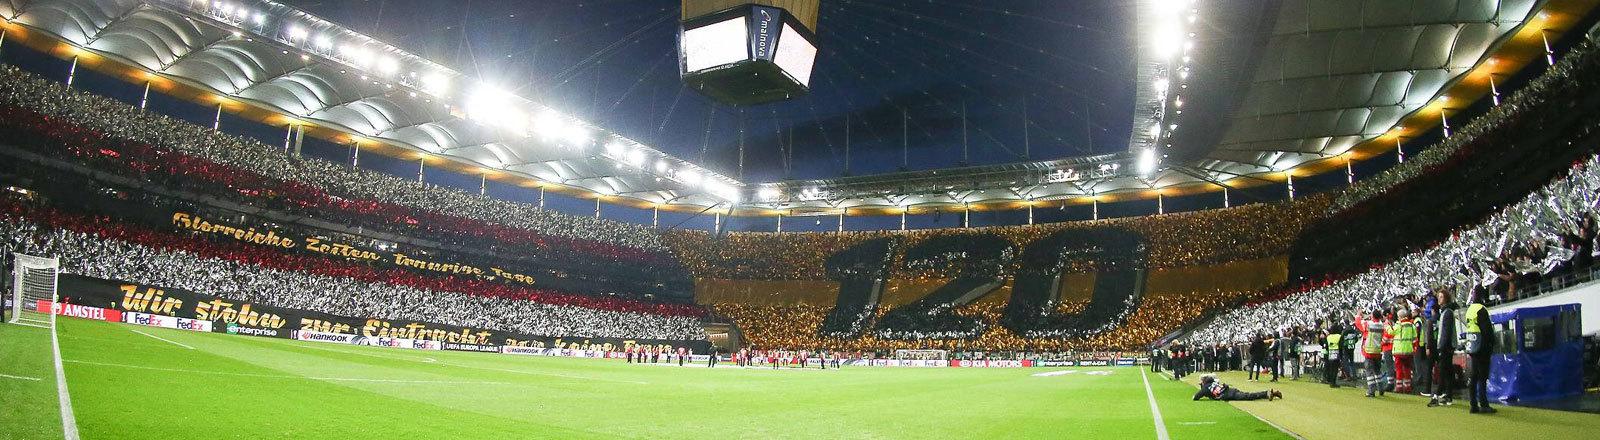 Im Stadion der Eintracht Frankfurt präsentieren die Fans eine Choreographie zum 120. Geburtstag des Vereins. Zum Beispiel ist in einer Kurve ist 120 zu lesen. Es ist das Achtelfinale gegen Inter Mailand (07.03.2019)